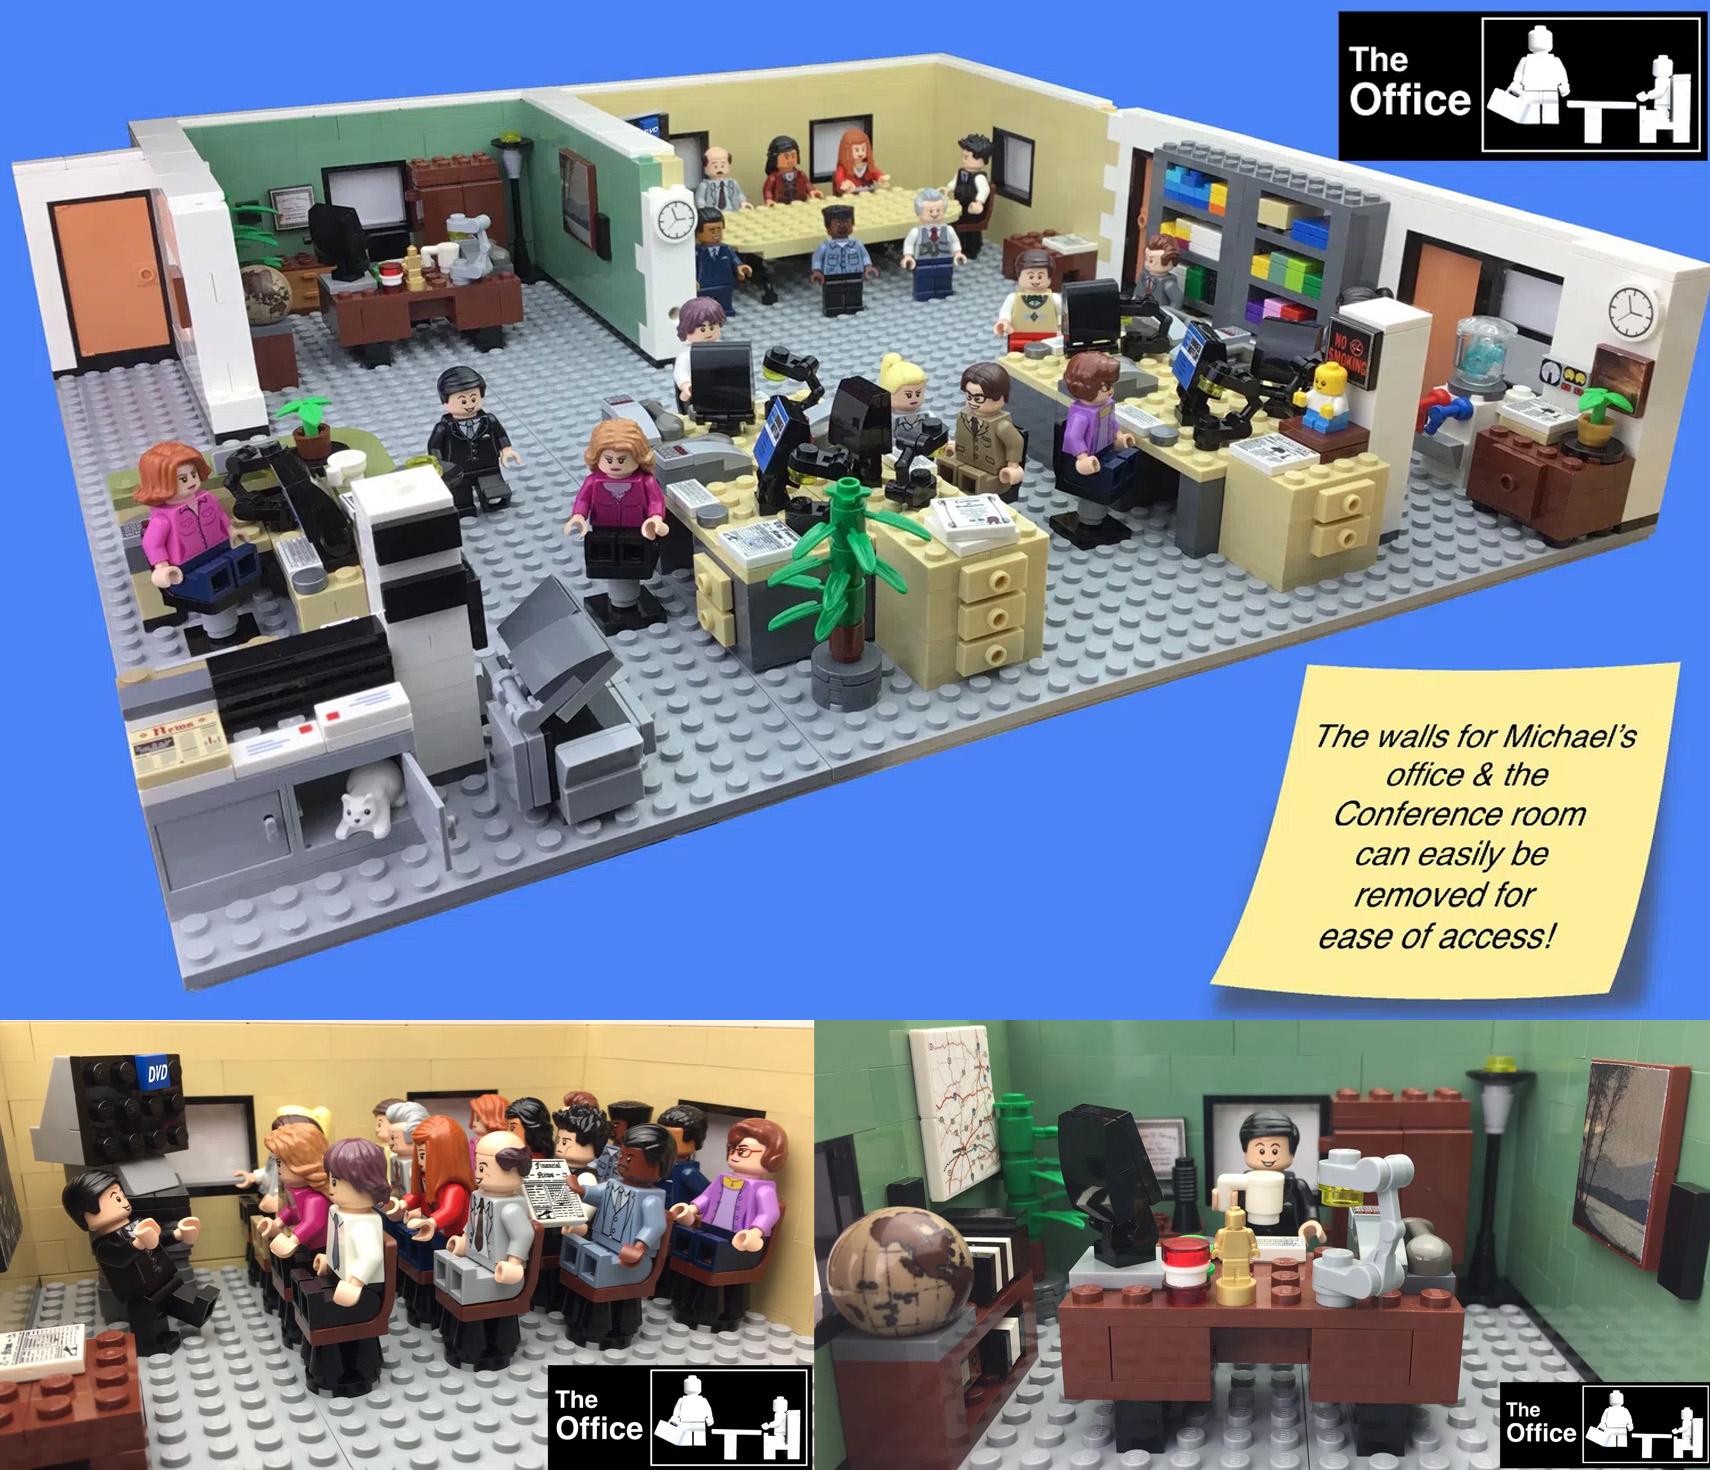 レゴアイデアで『ザ・オフィス』が製品化レビュー進出!2020年第3回1万サポート獲得デザイン紹介